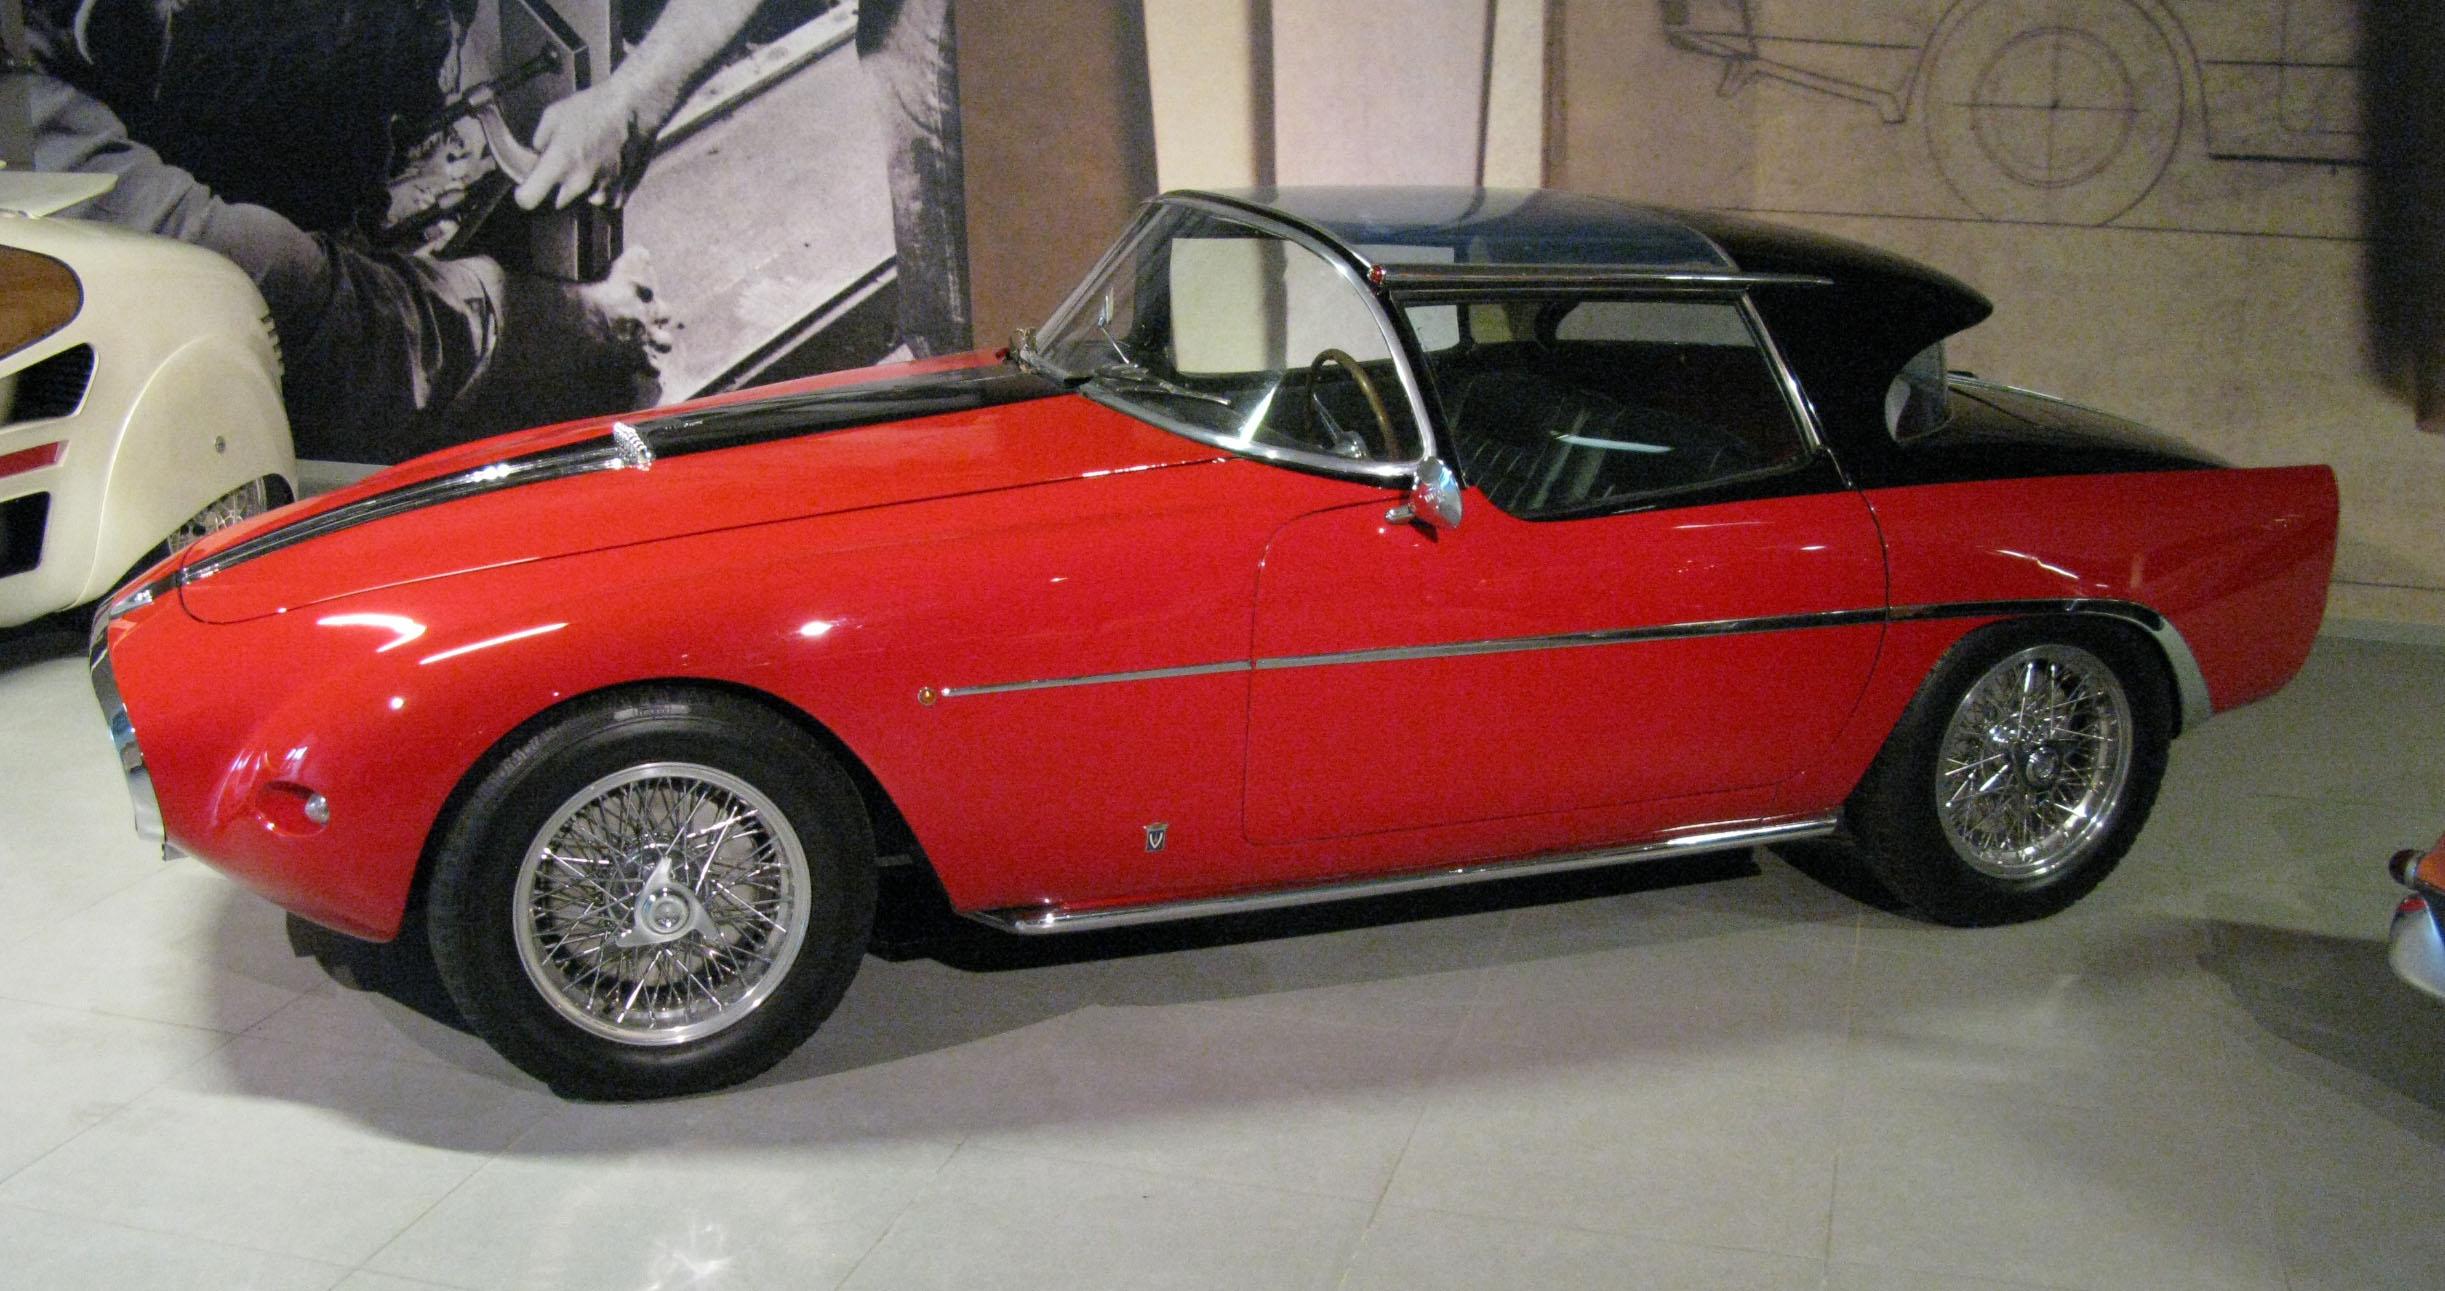 File:1953 Fiat 8V Demon Rouge.jpg - Wikimedia Commons